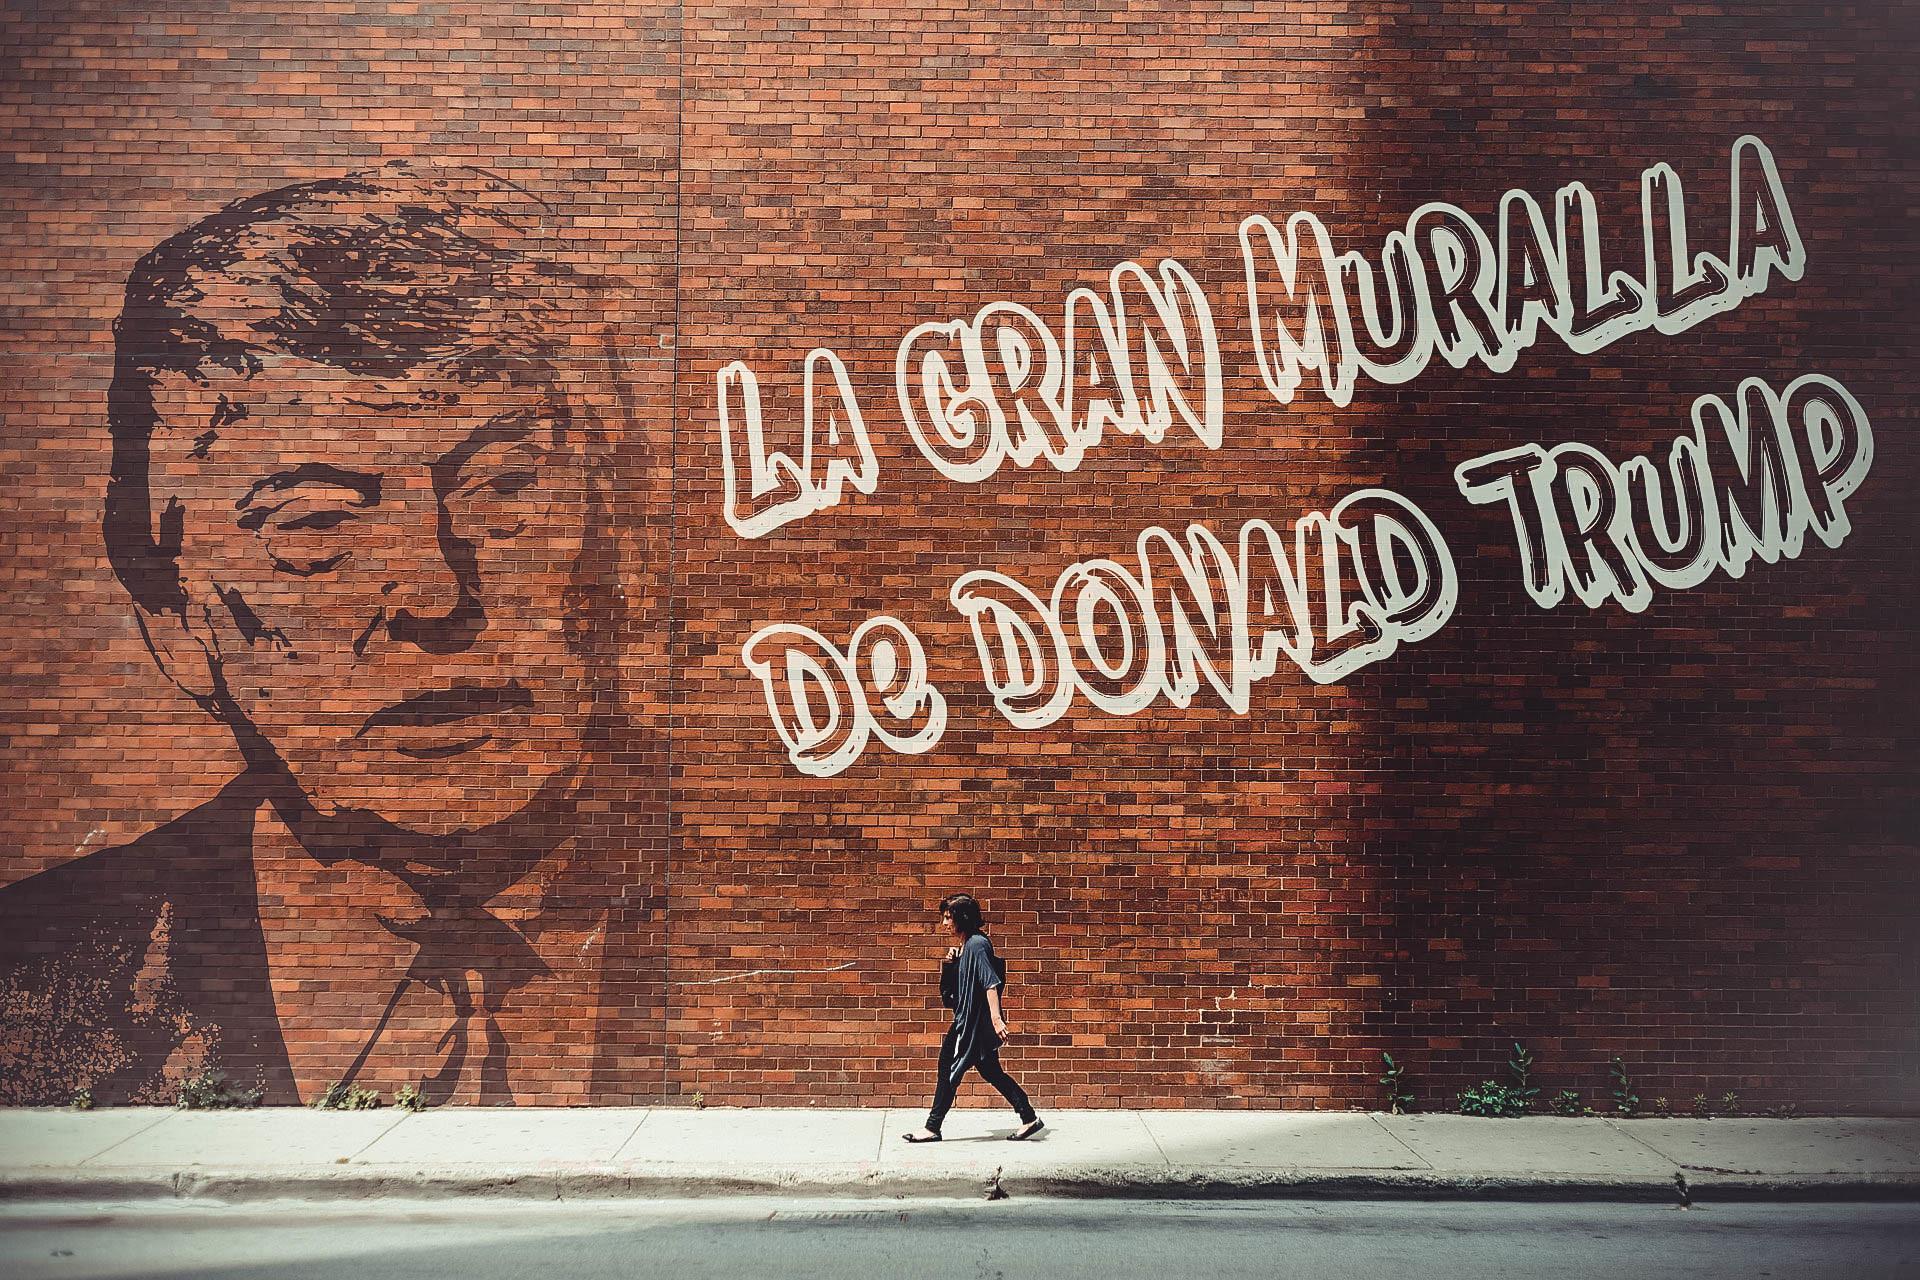 La Gran Muralla de Donald Trump: La nueva cara de la inmigración en EE.UU.